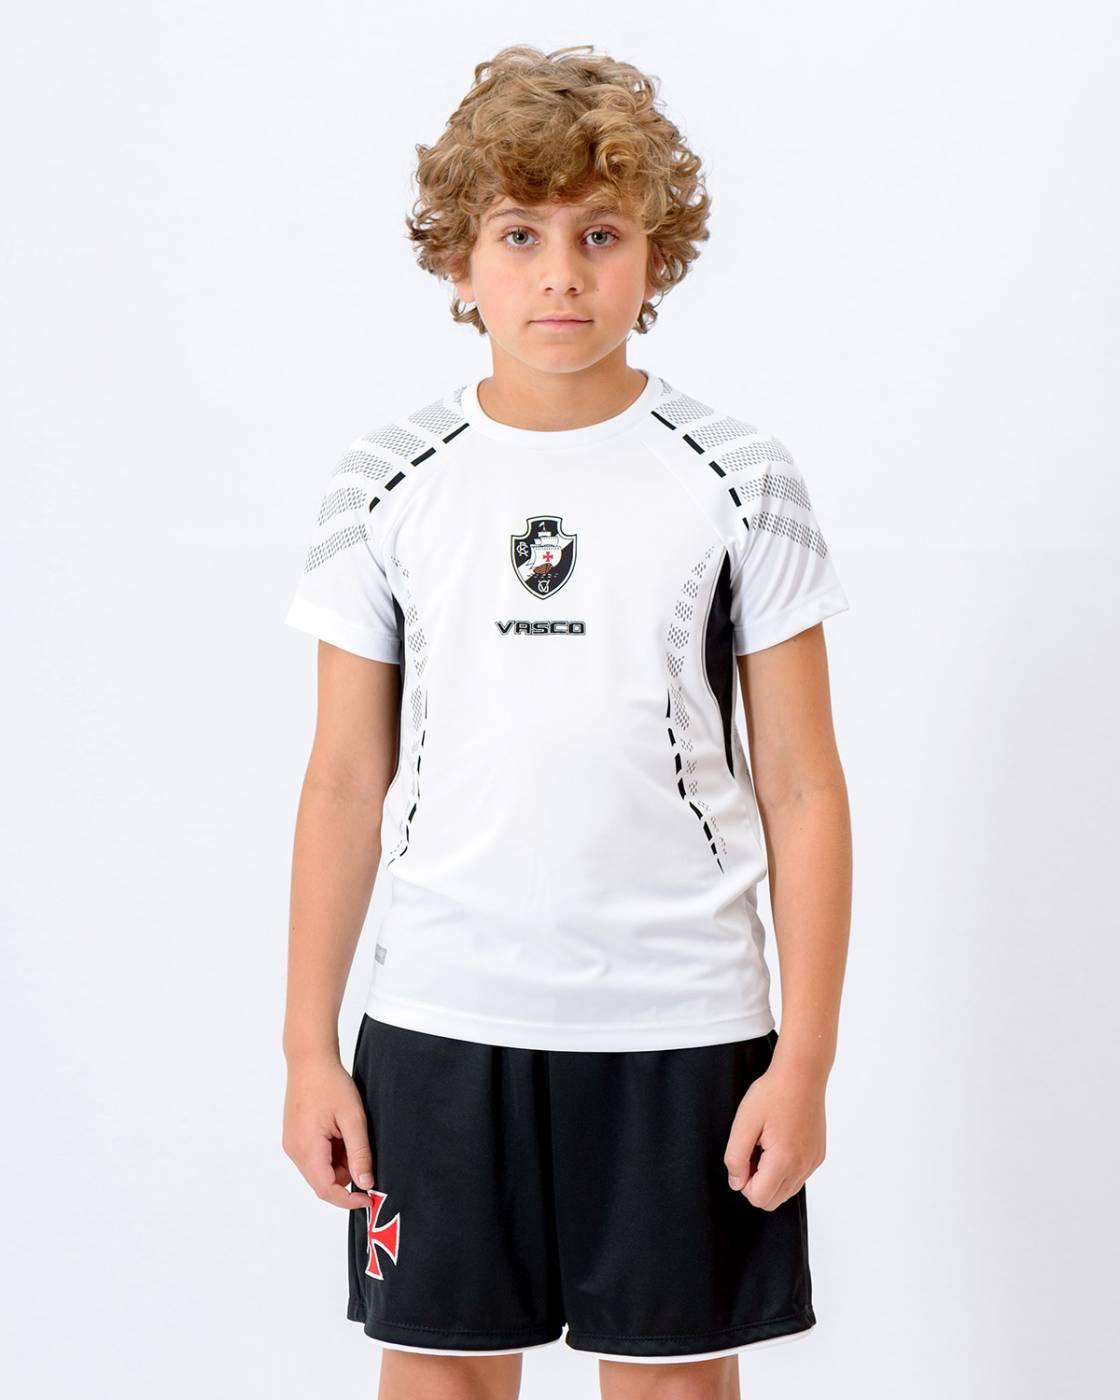 Camisa Vasco Orion Raglan Infantil